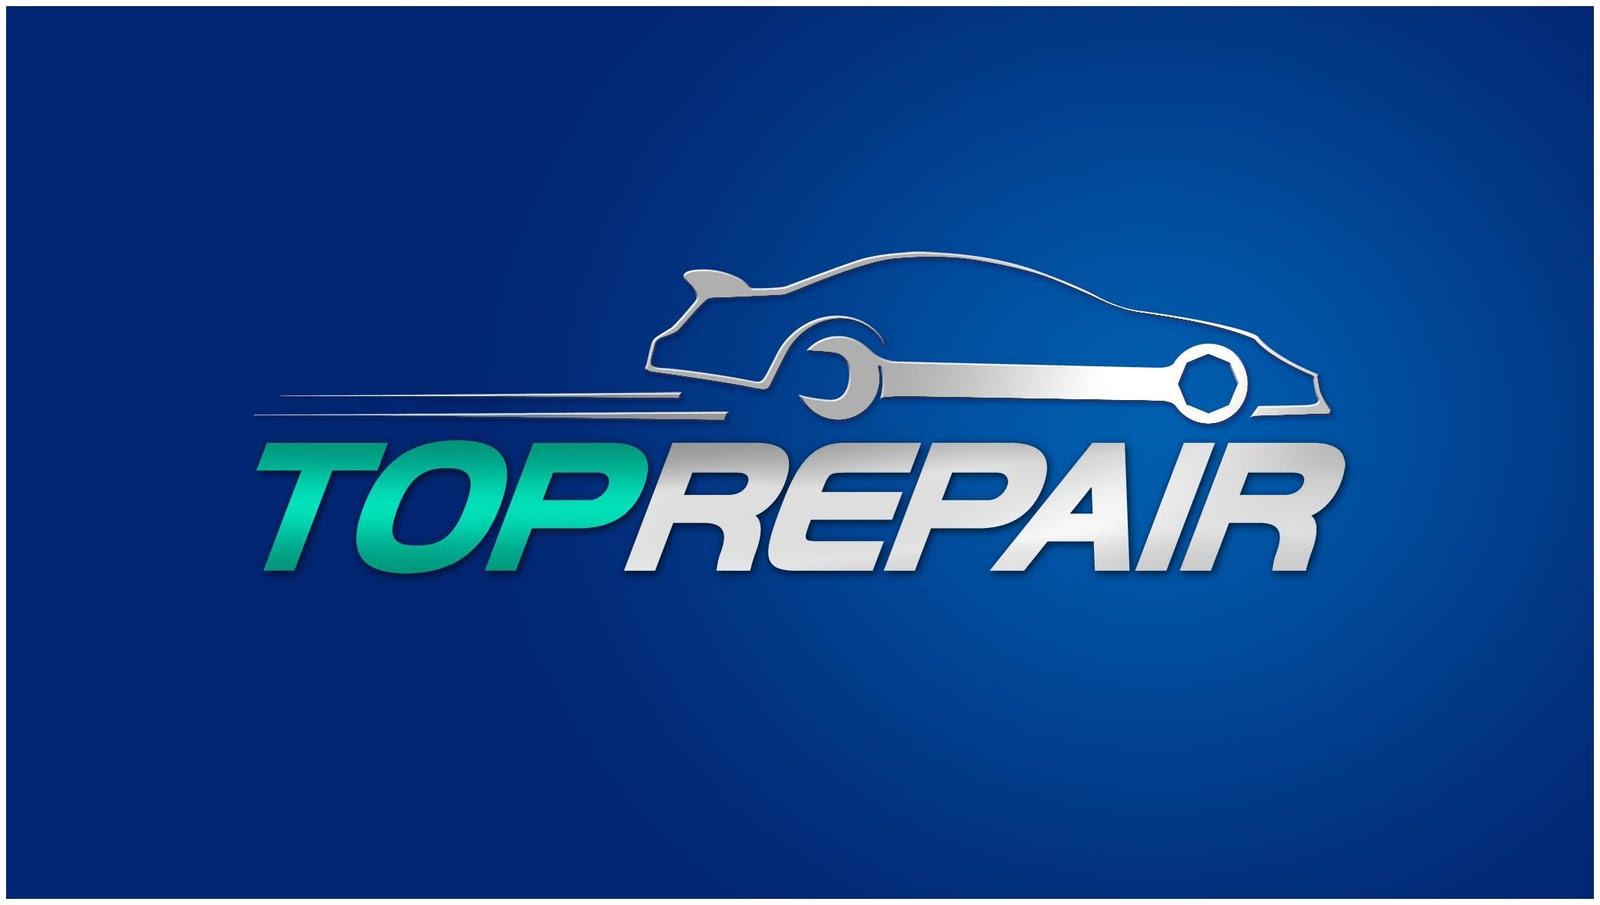 Logo TOP REPAIR - Oficina automotiva